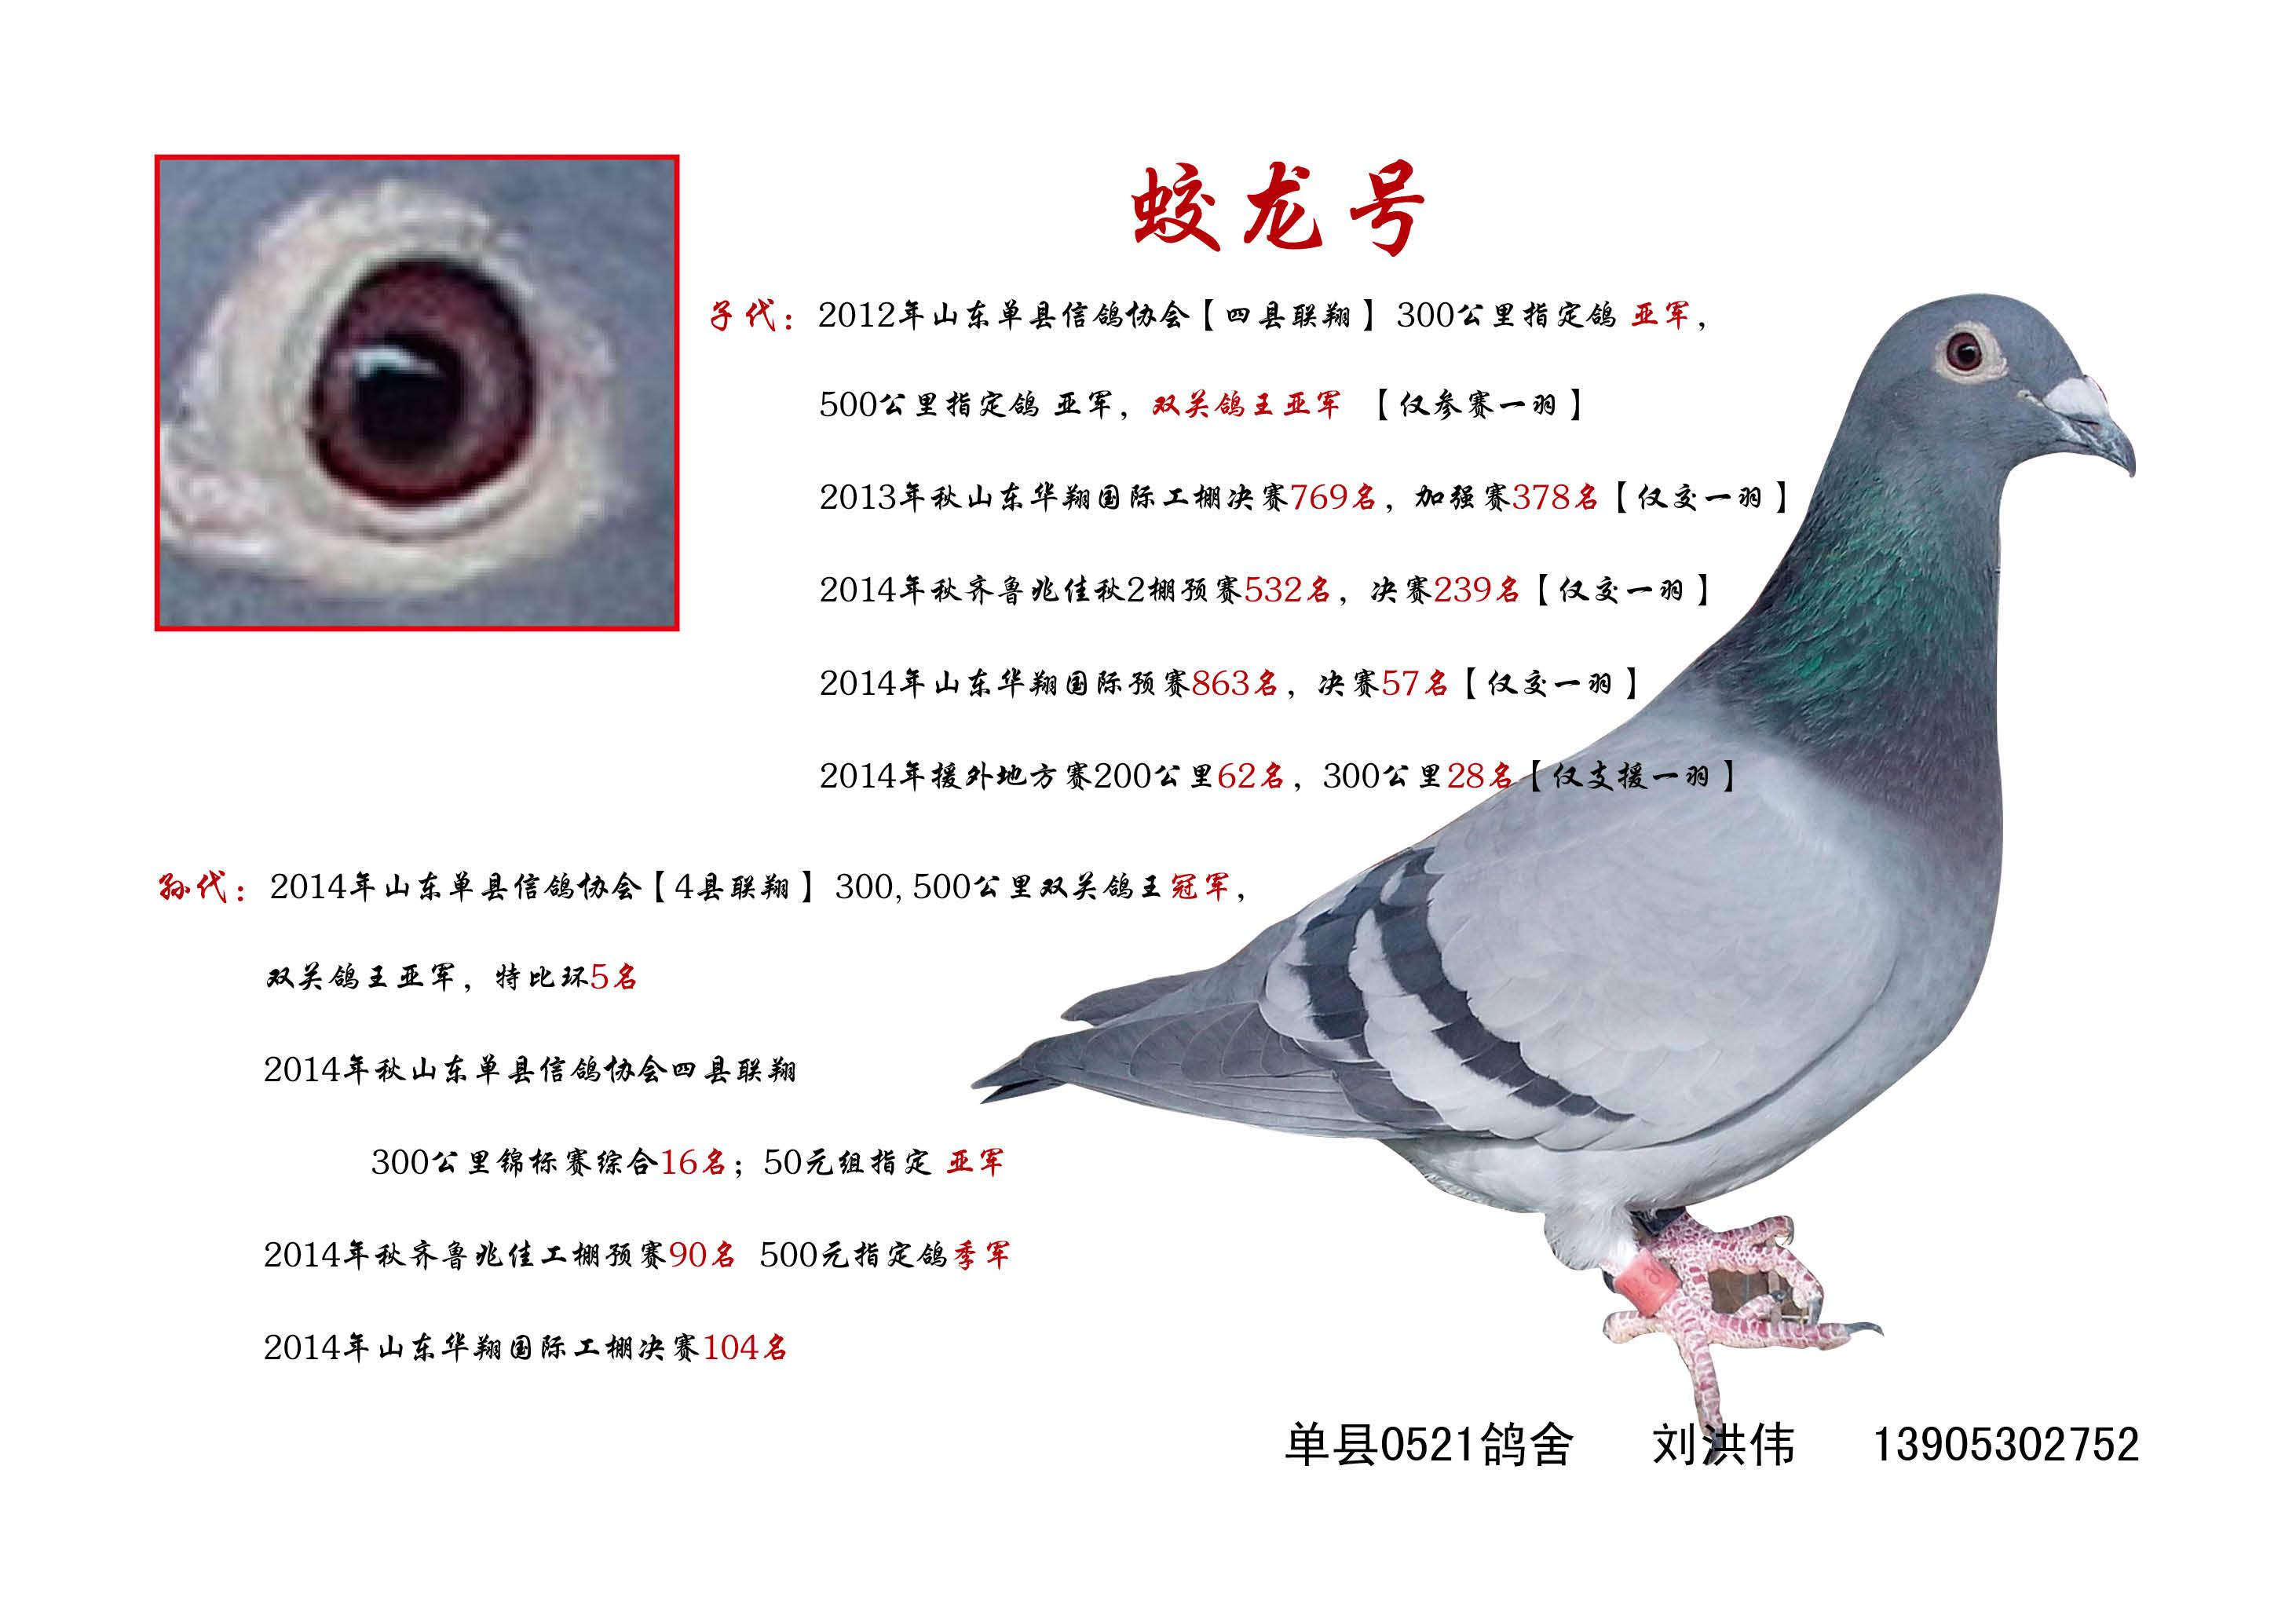 动物 鸽 鸽子 教学图示 鸟 鸟类 2924_2067